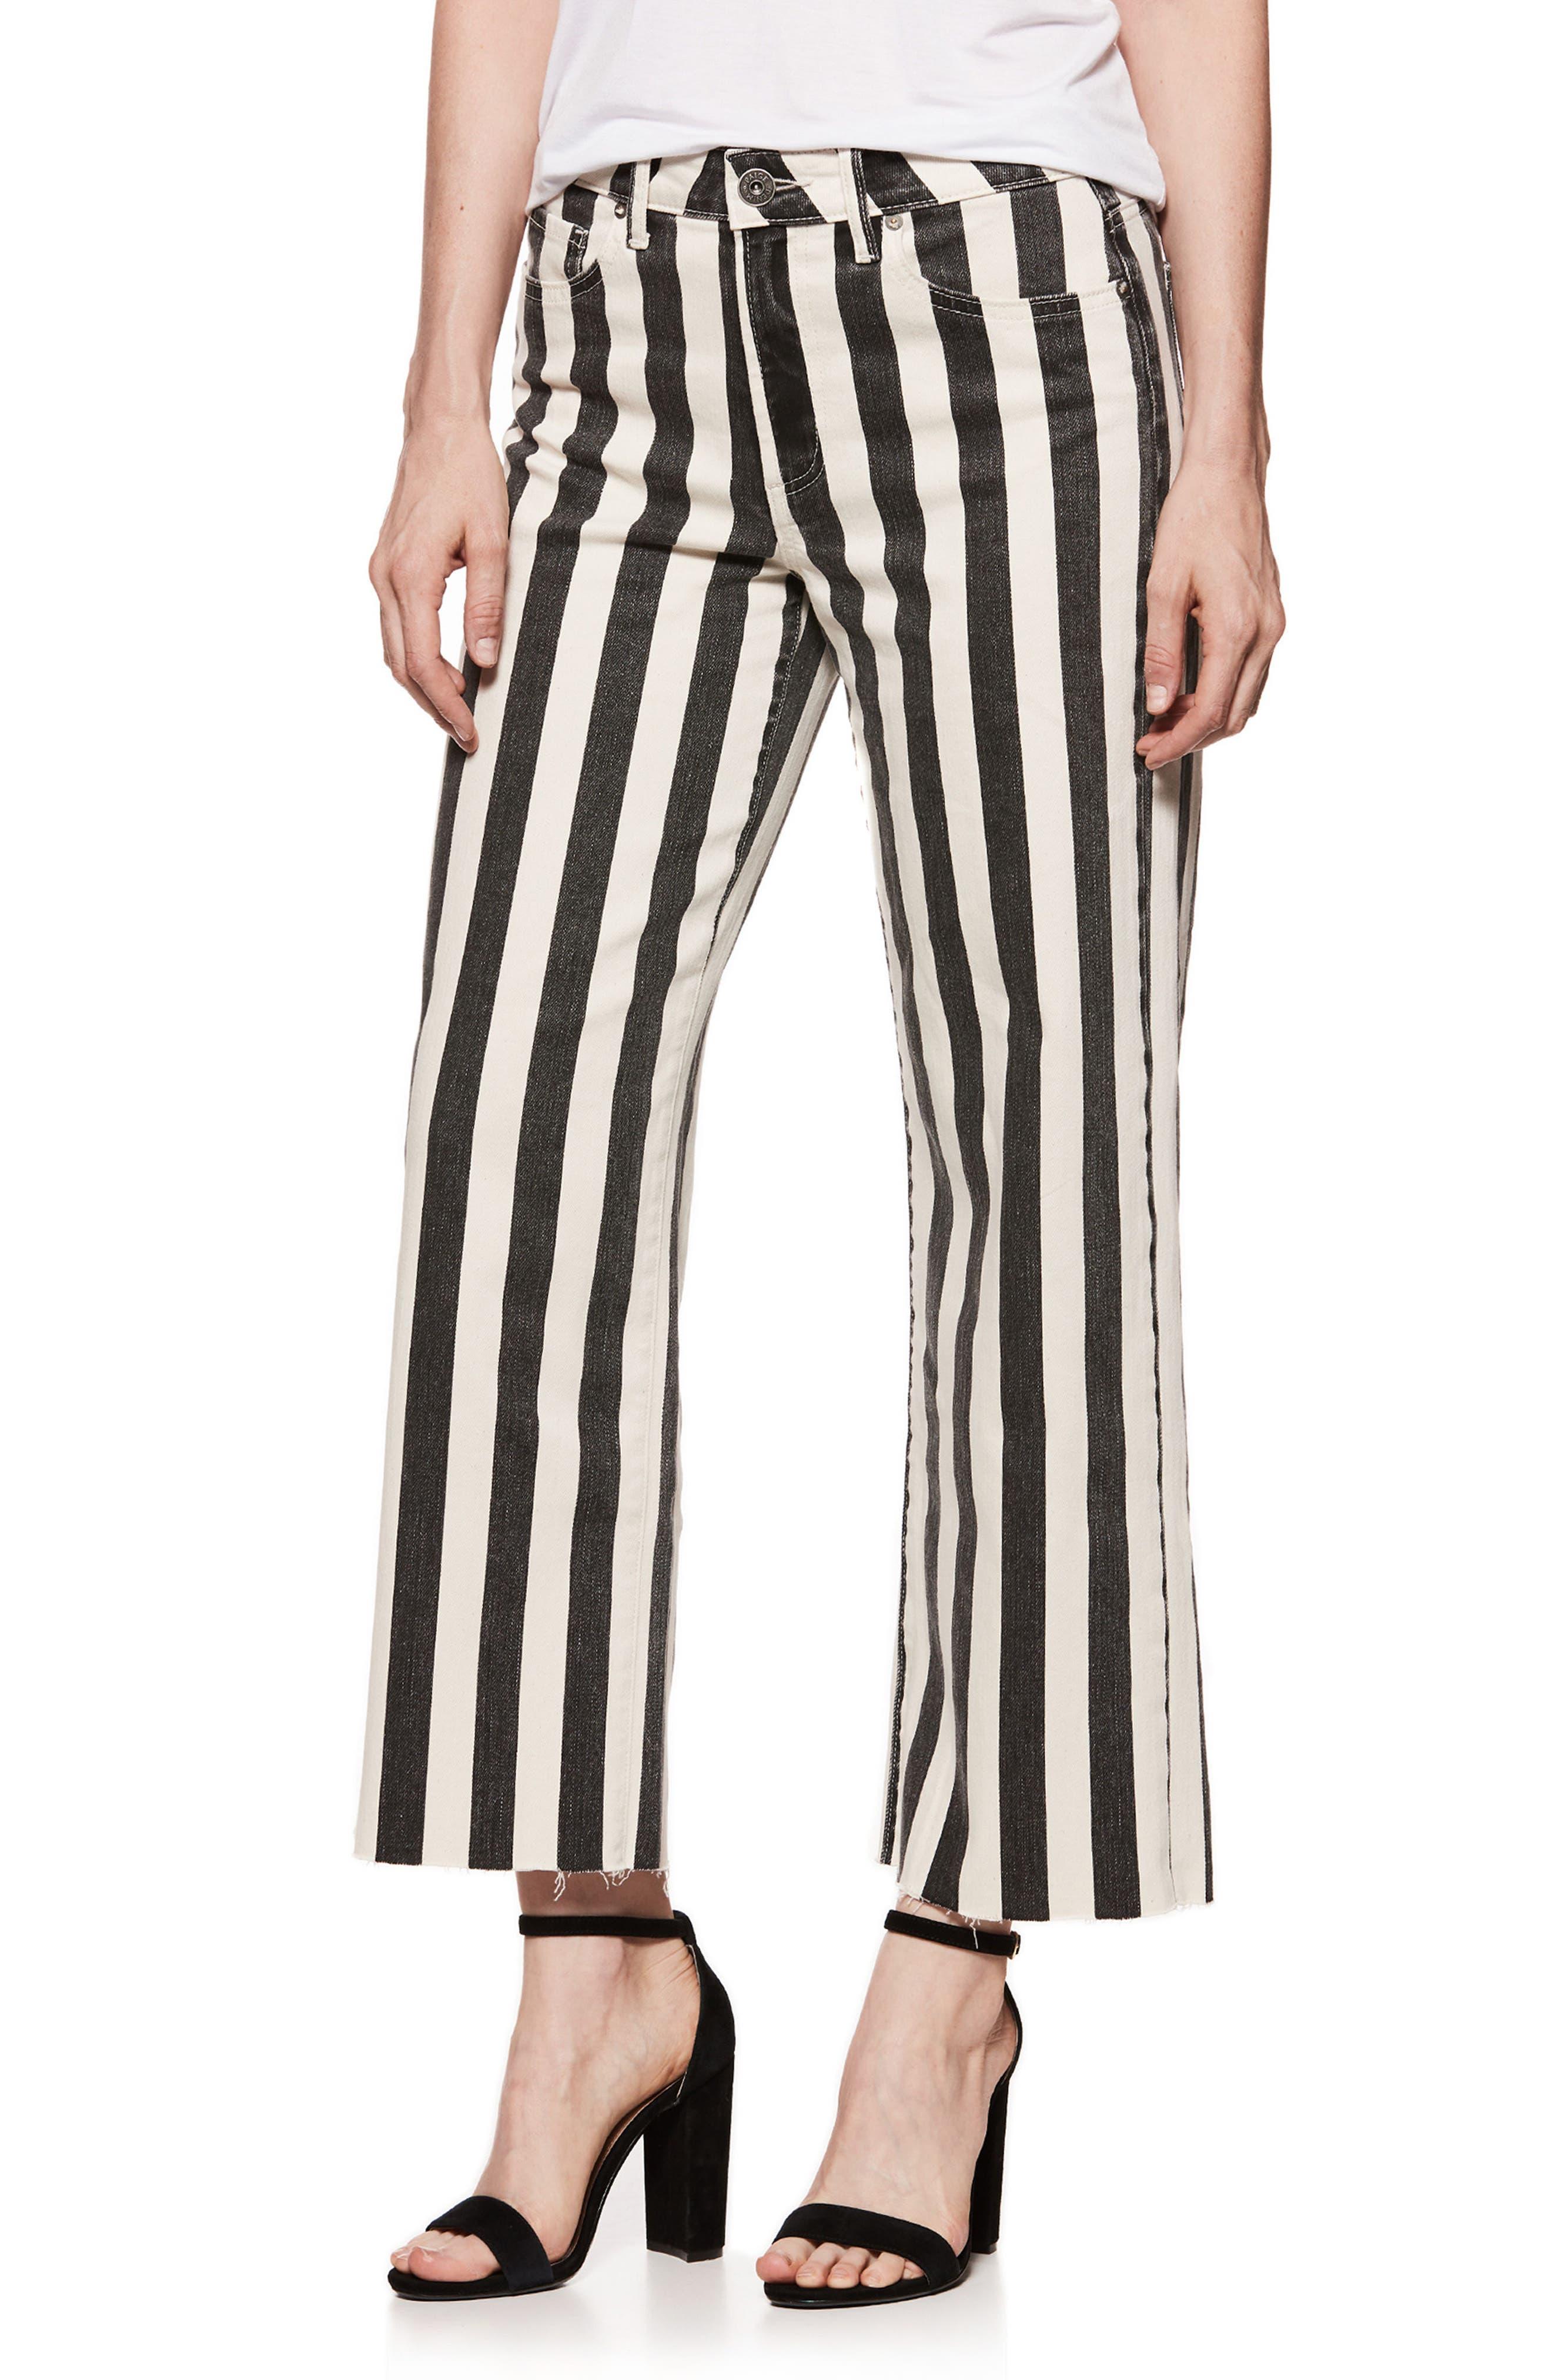 PAIGE Nellie High Waist Culotte Jeans (Black/Ecru Stripe)